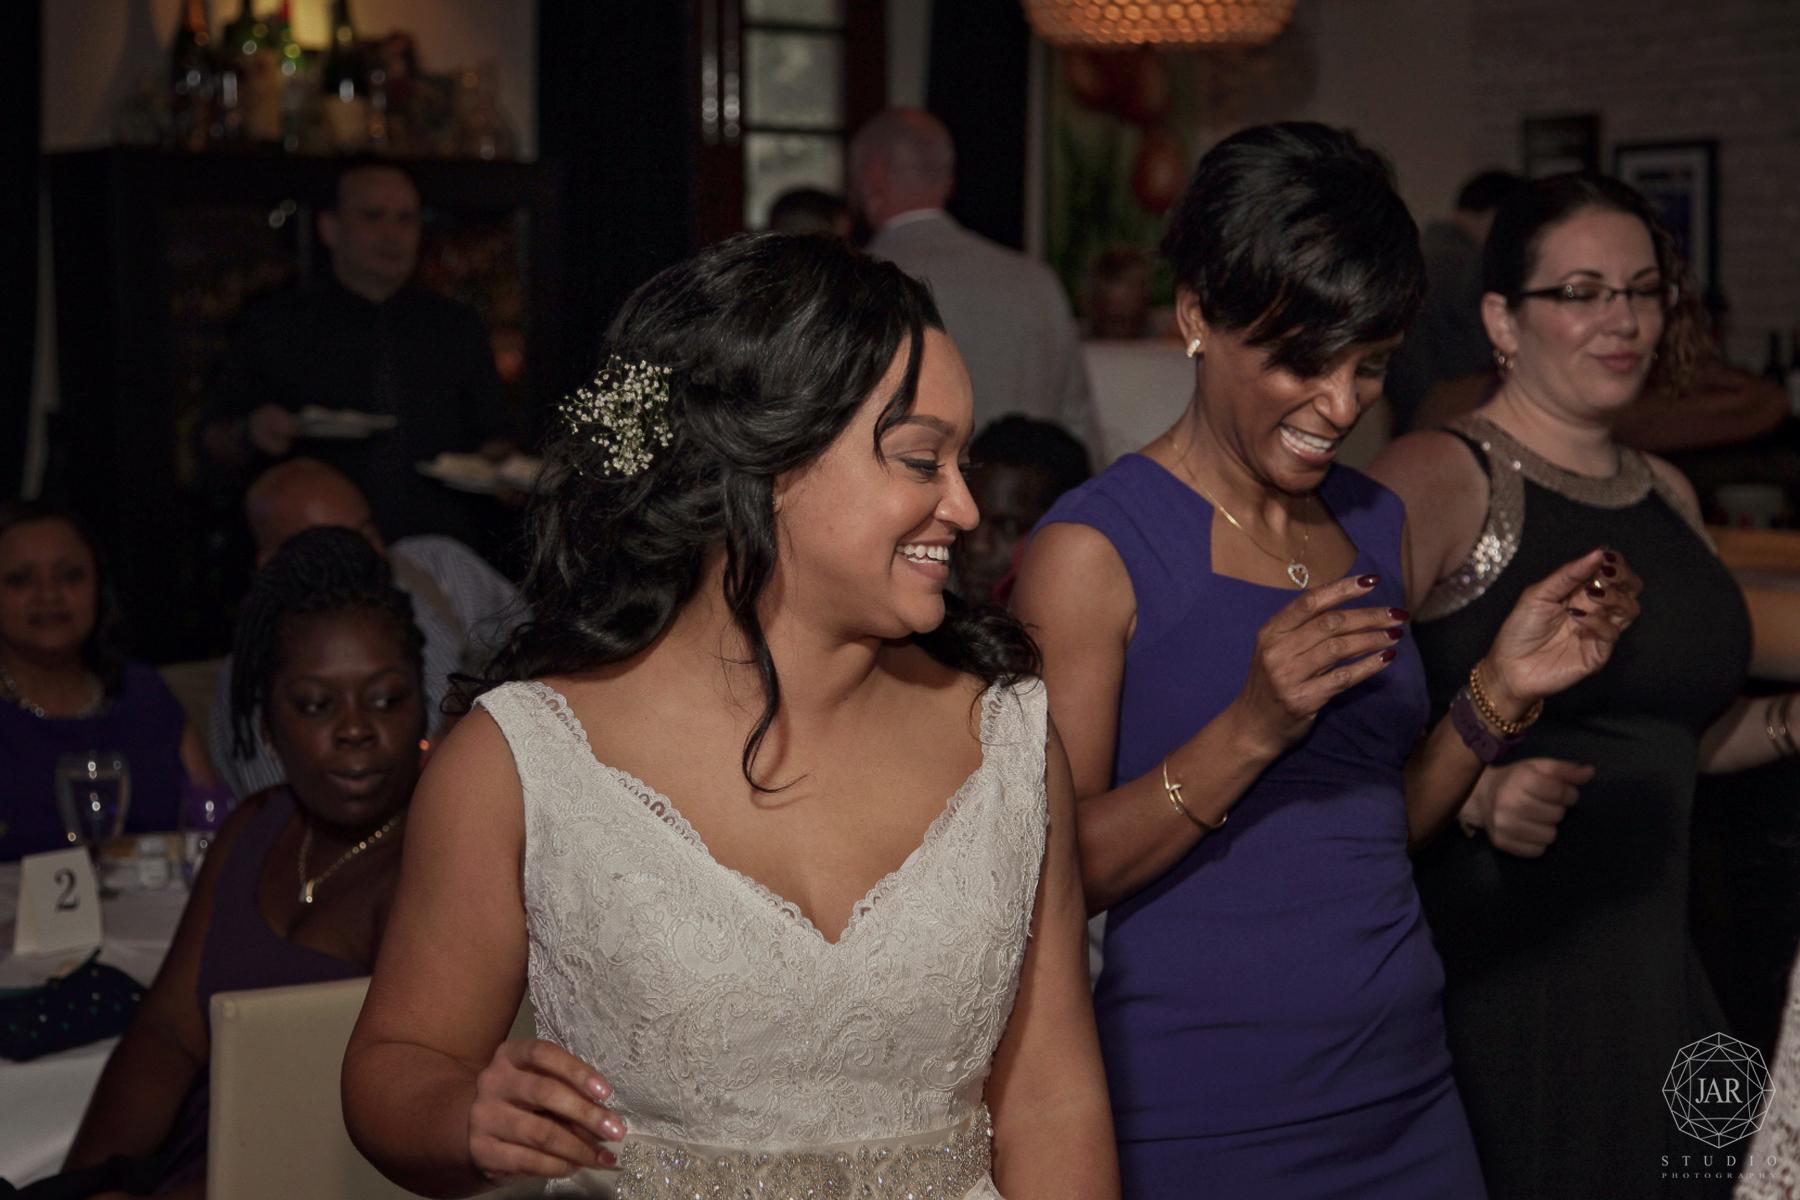 29-bride-mother-dancing-fun-jarstudio-photography.JPG